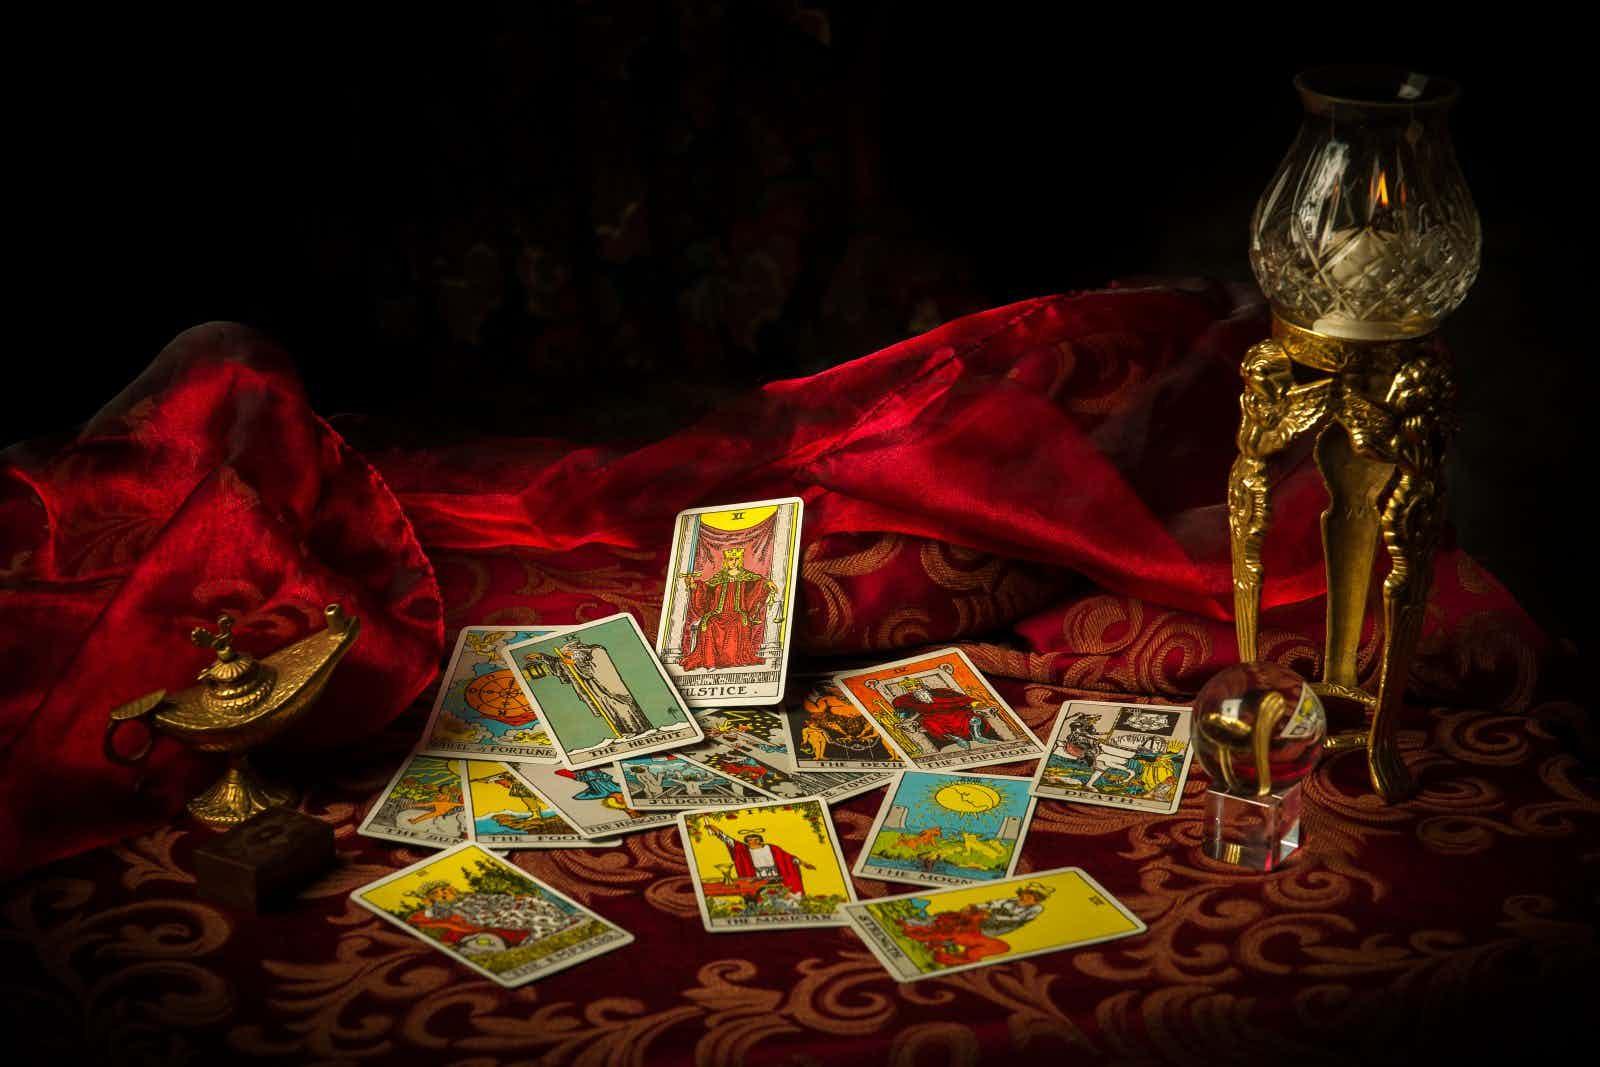 tarot-waarzegster-kaarten-boeken-braderie-kerstmarkt-feest_0